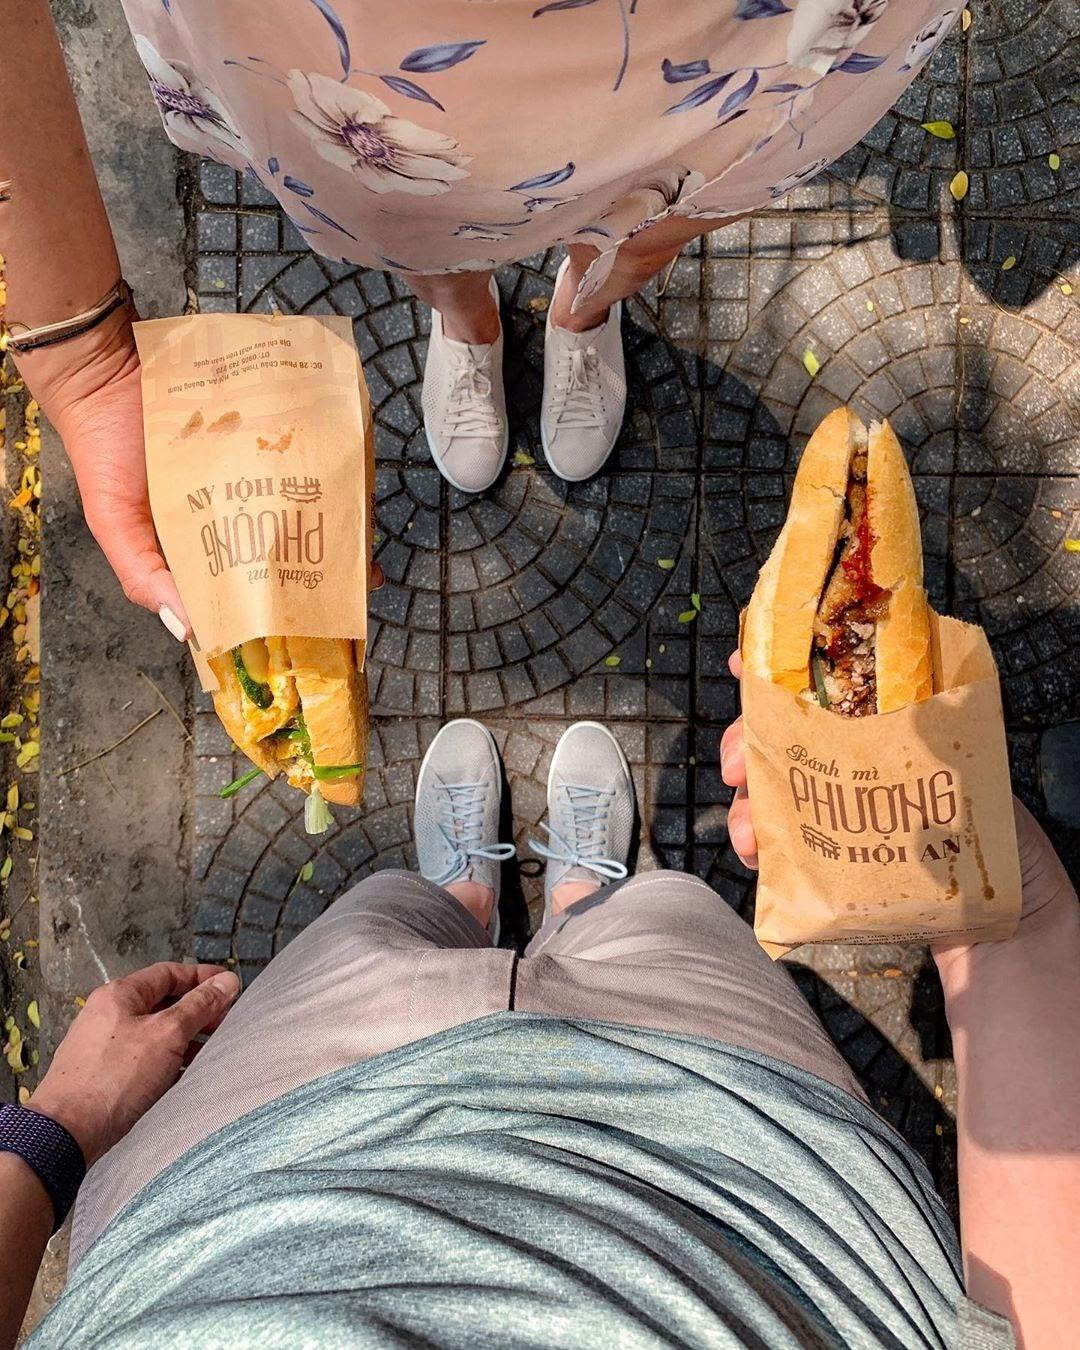 Bánh mì Phượng Hội An